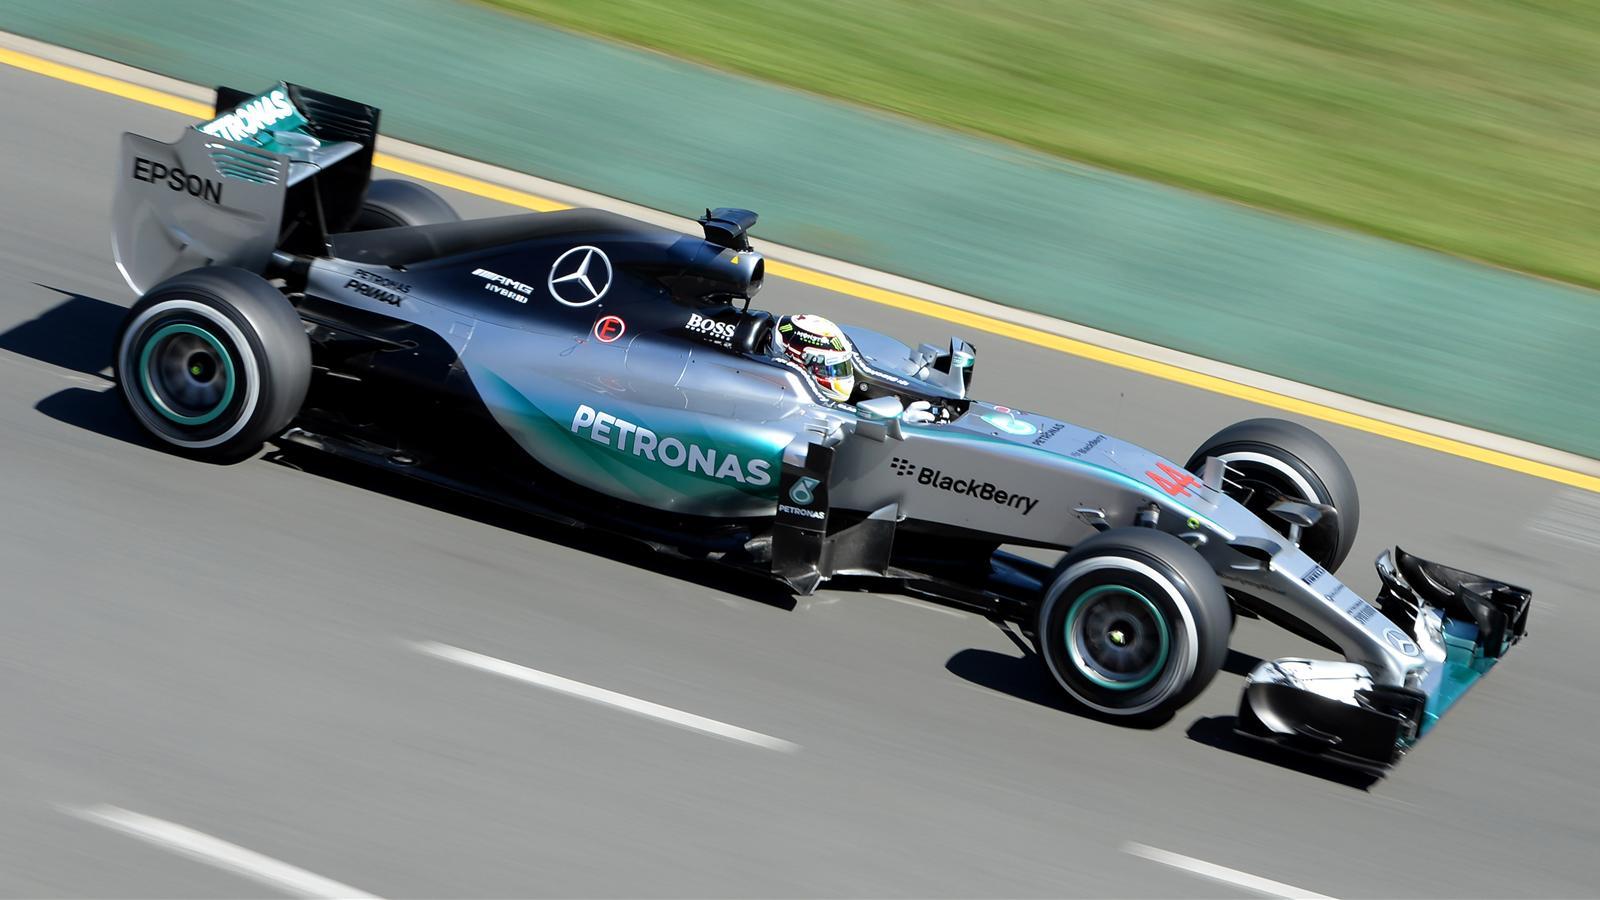 Spécial Sebastian Vettel (Formule un) - Page 12 1434884-30694558-1600-900